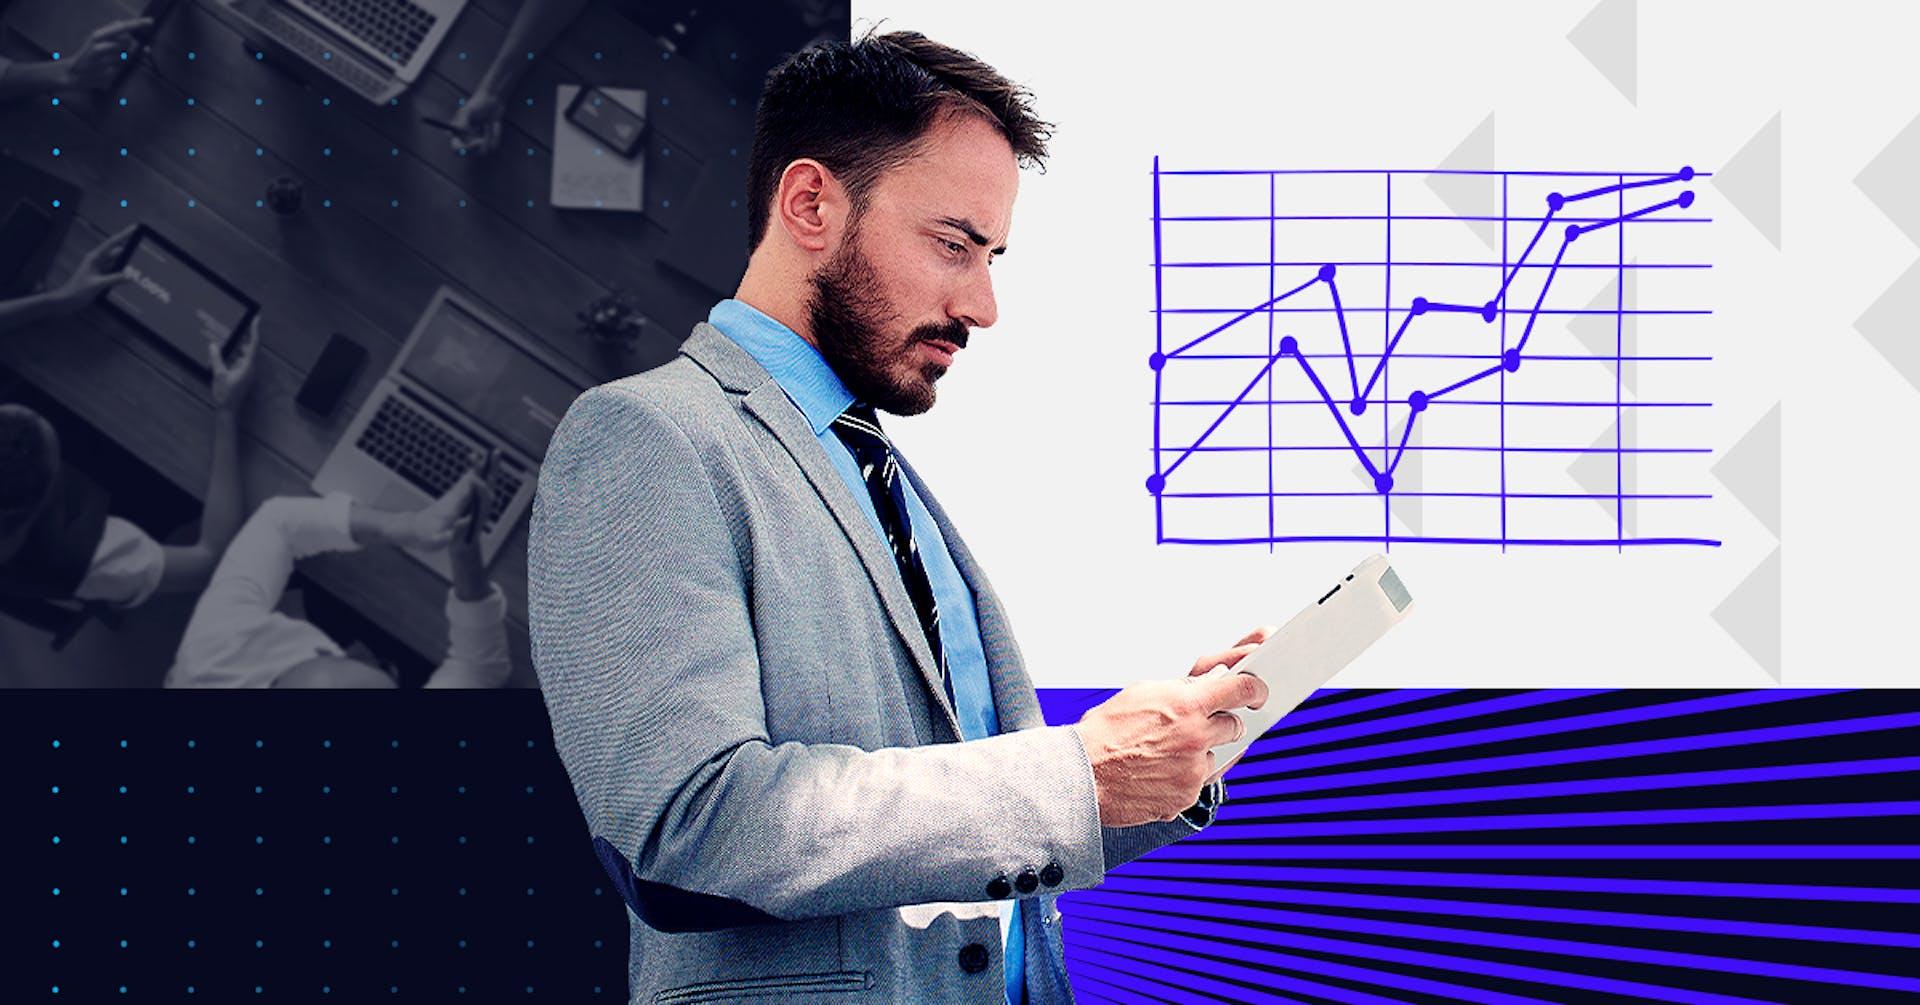 Product Manager y Data: Las 6 métricas que necesita tu próxima estrategia